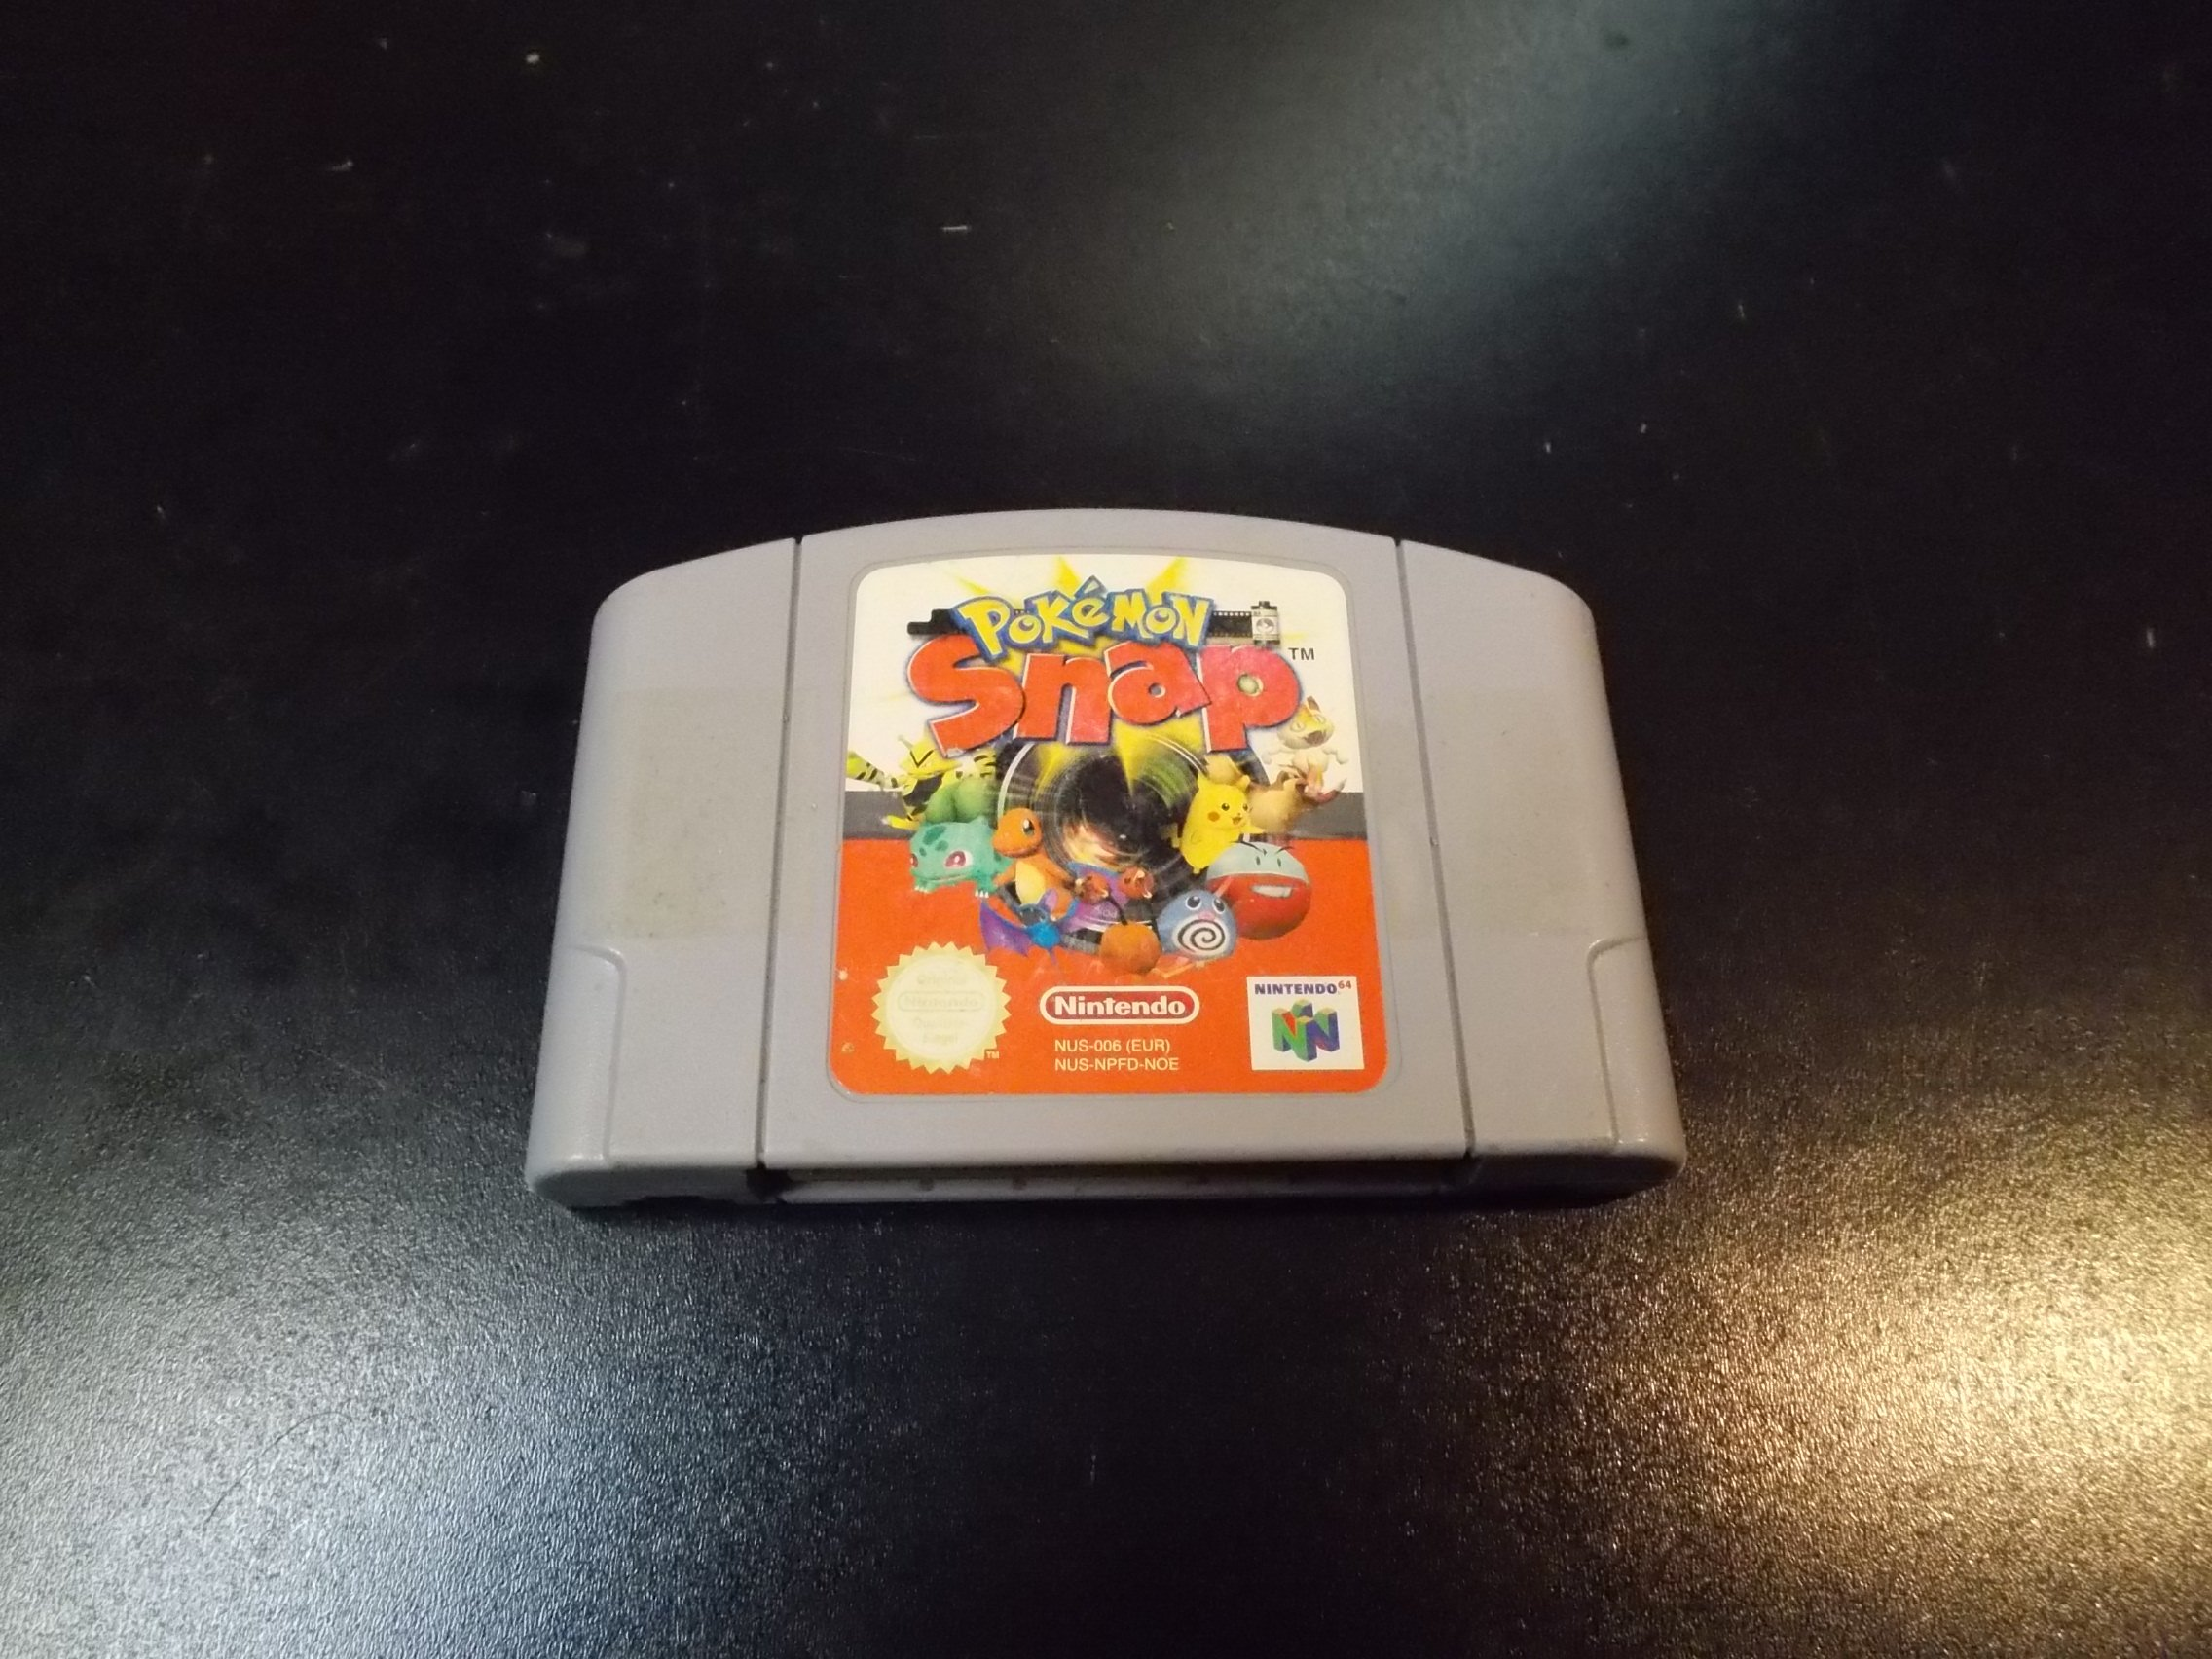 POKEMON SNAP - GRA Nintendo 64 0269